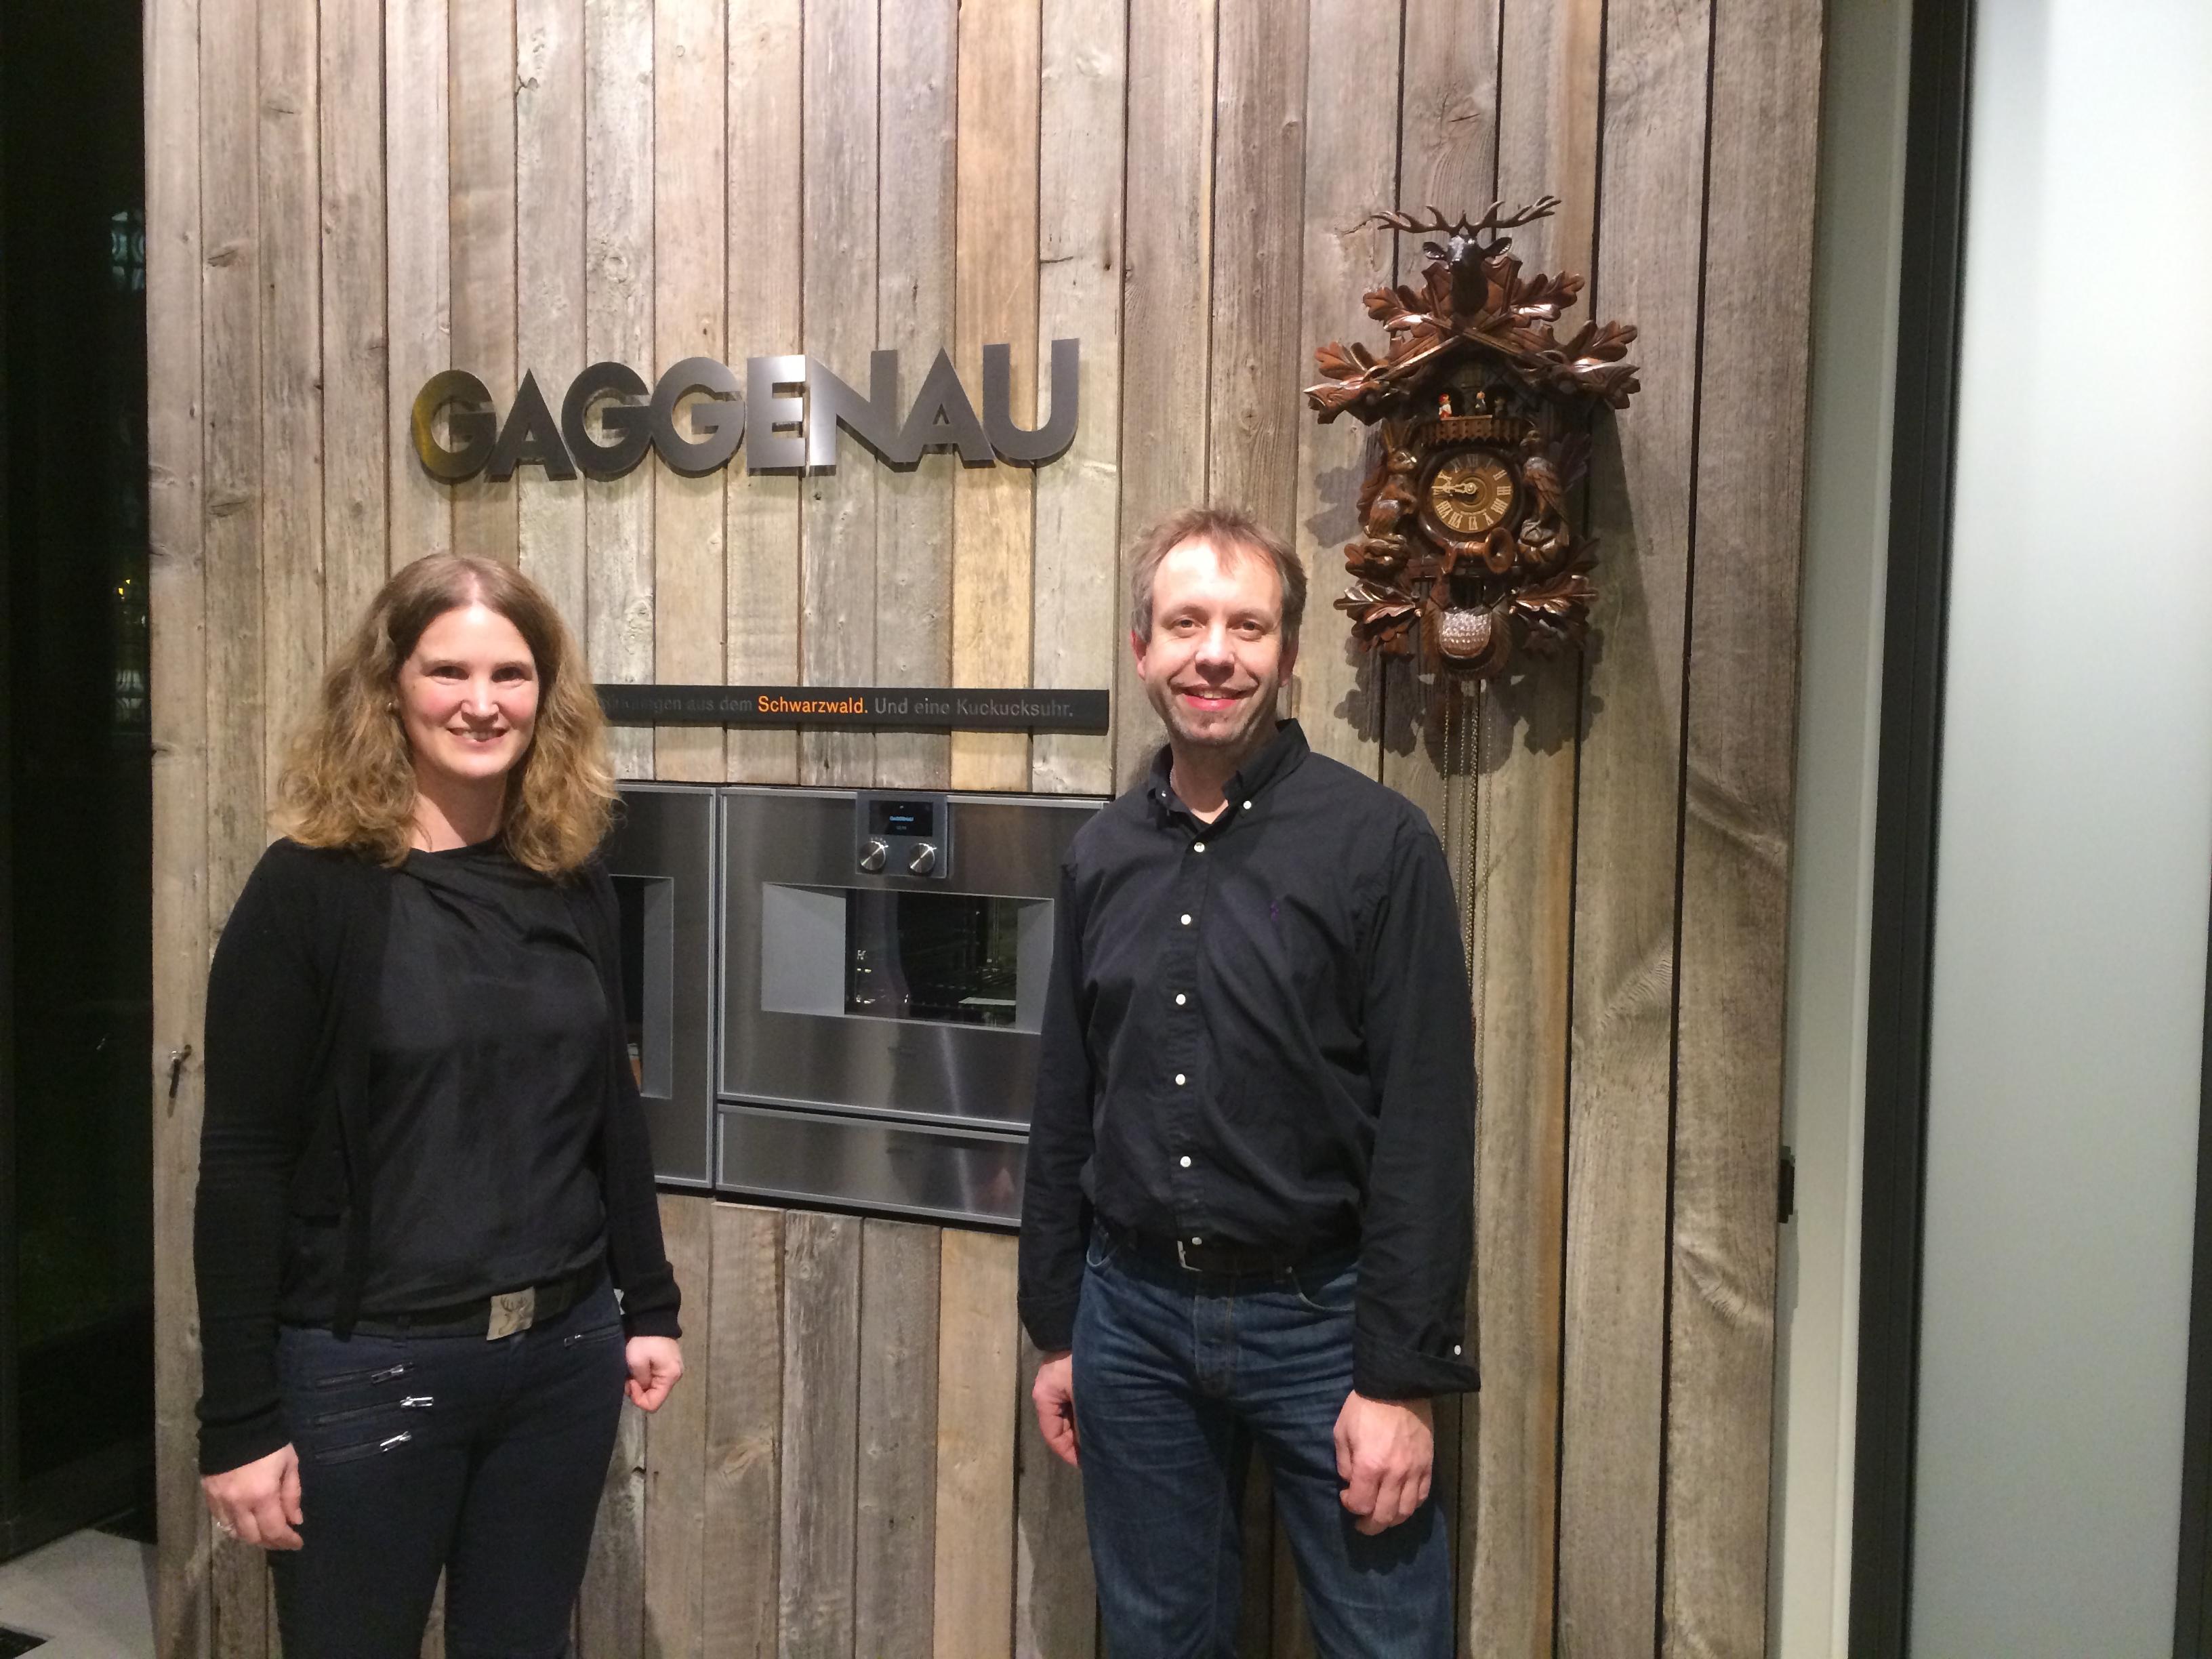 Gaggenau Showroom in München